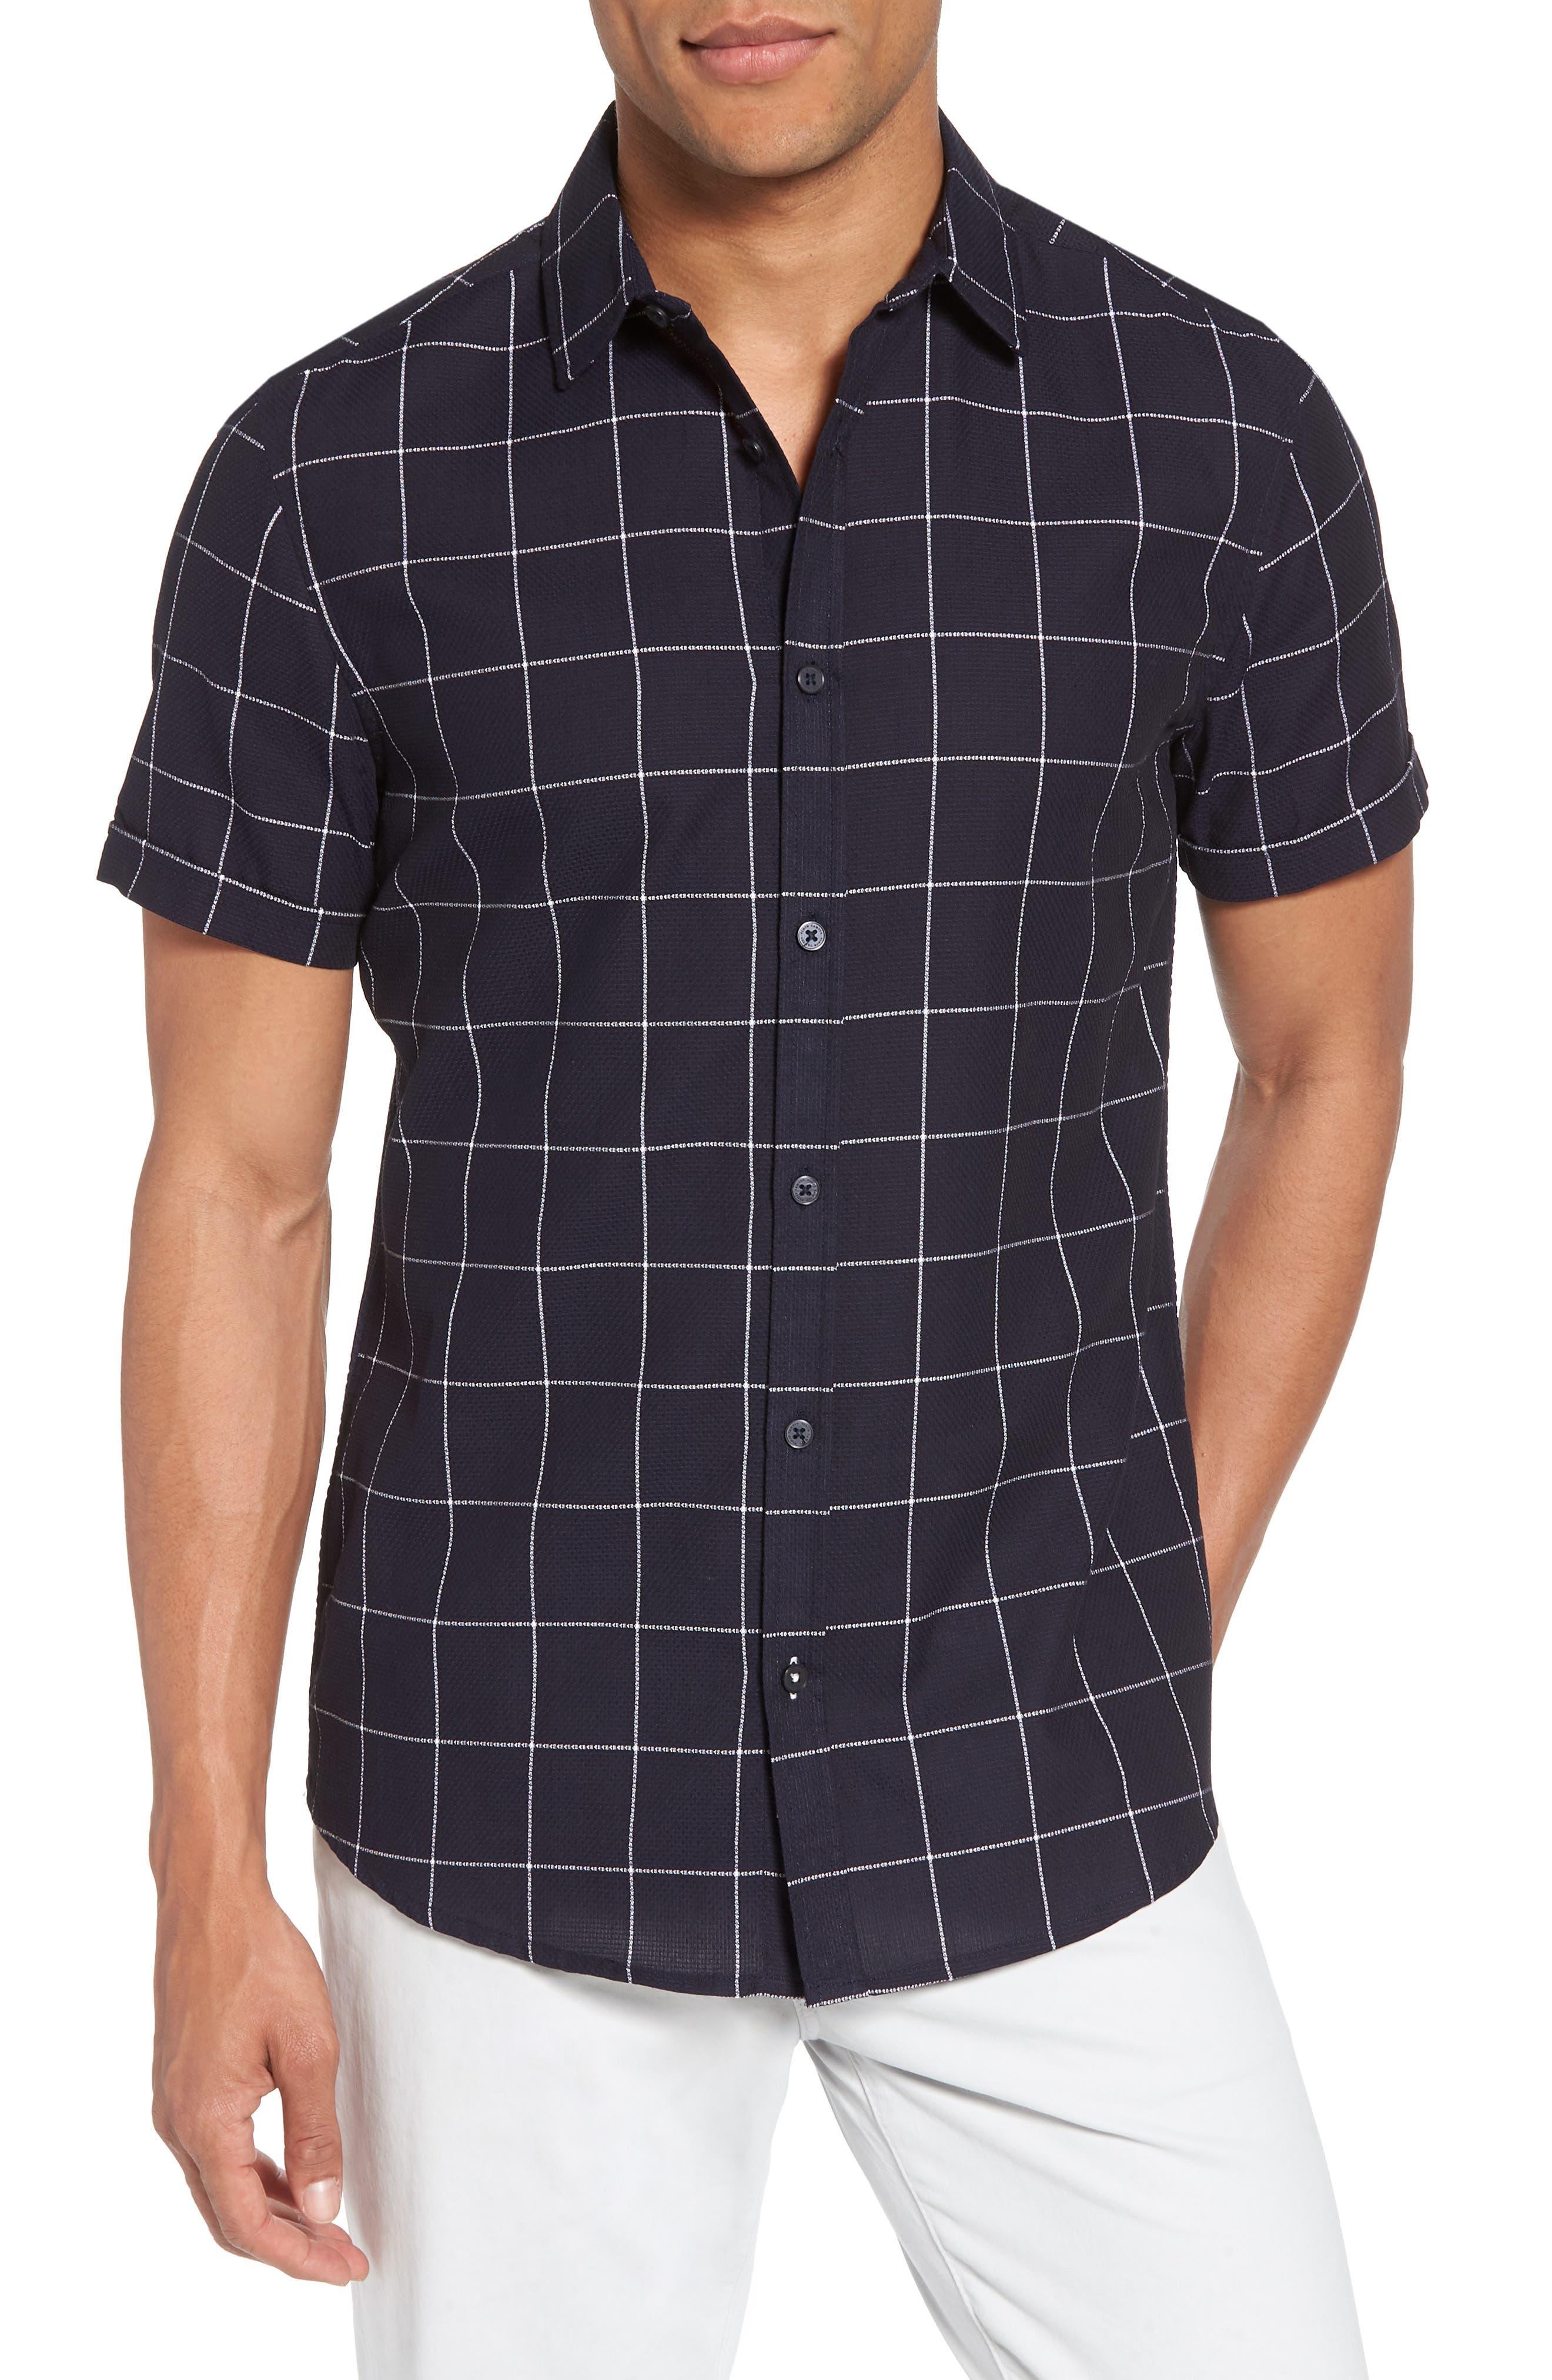 Vince Camuto Window Pane Print Woven Shirt